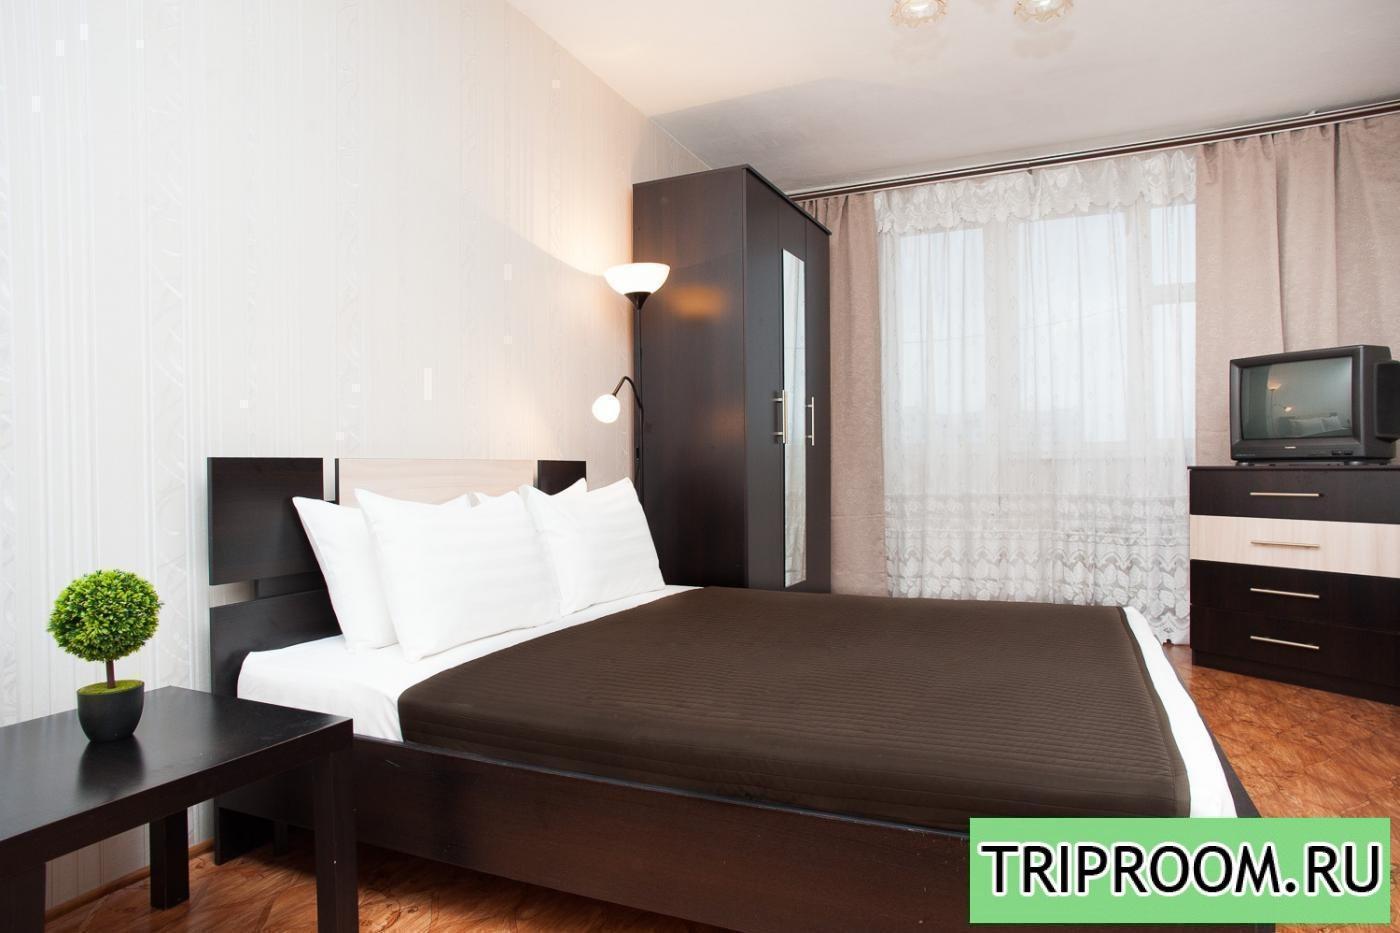 1-комнатная квартира посуточно (вариант № 14273), ул. Веневская улица, фото № 1